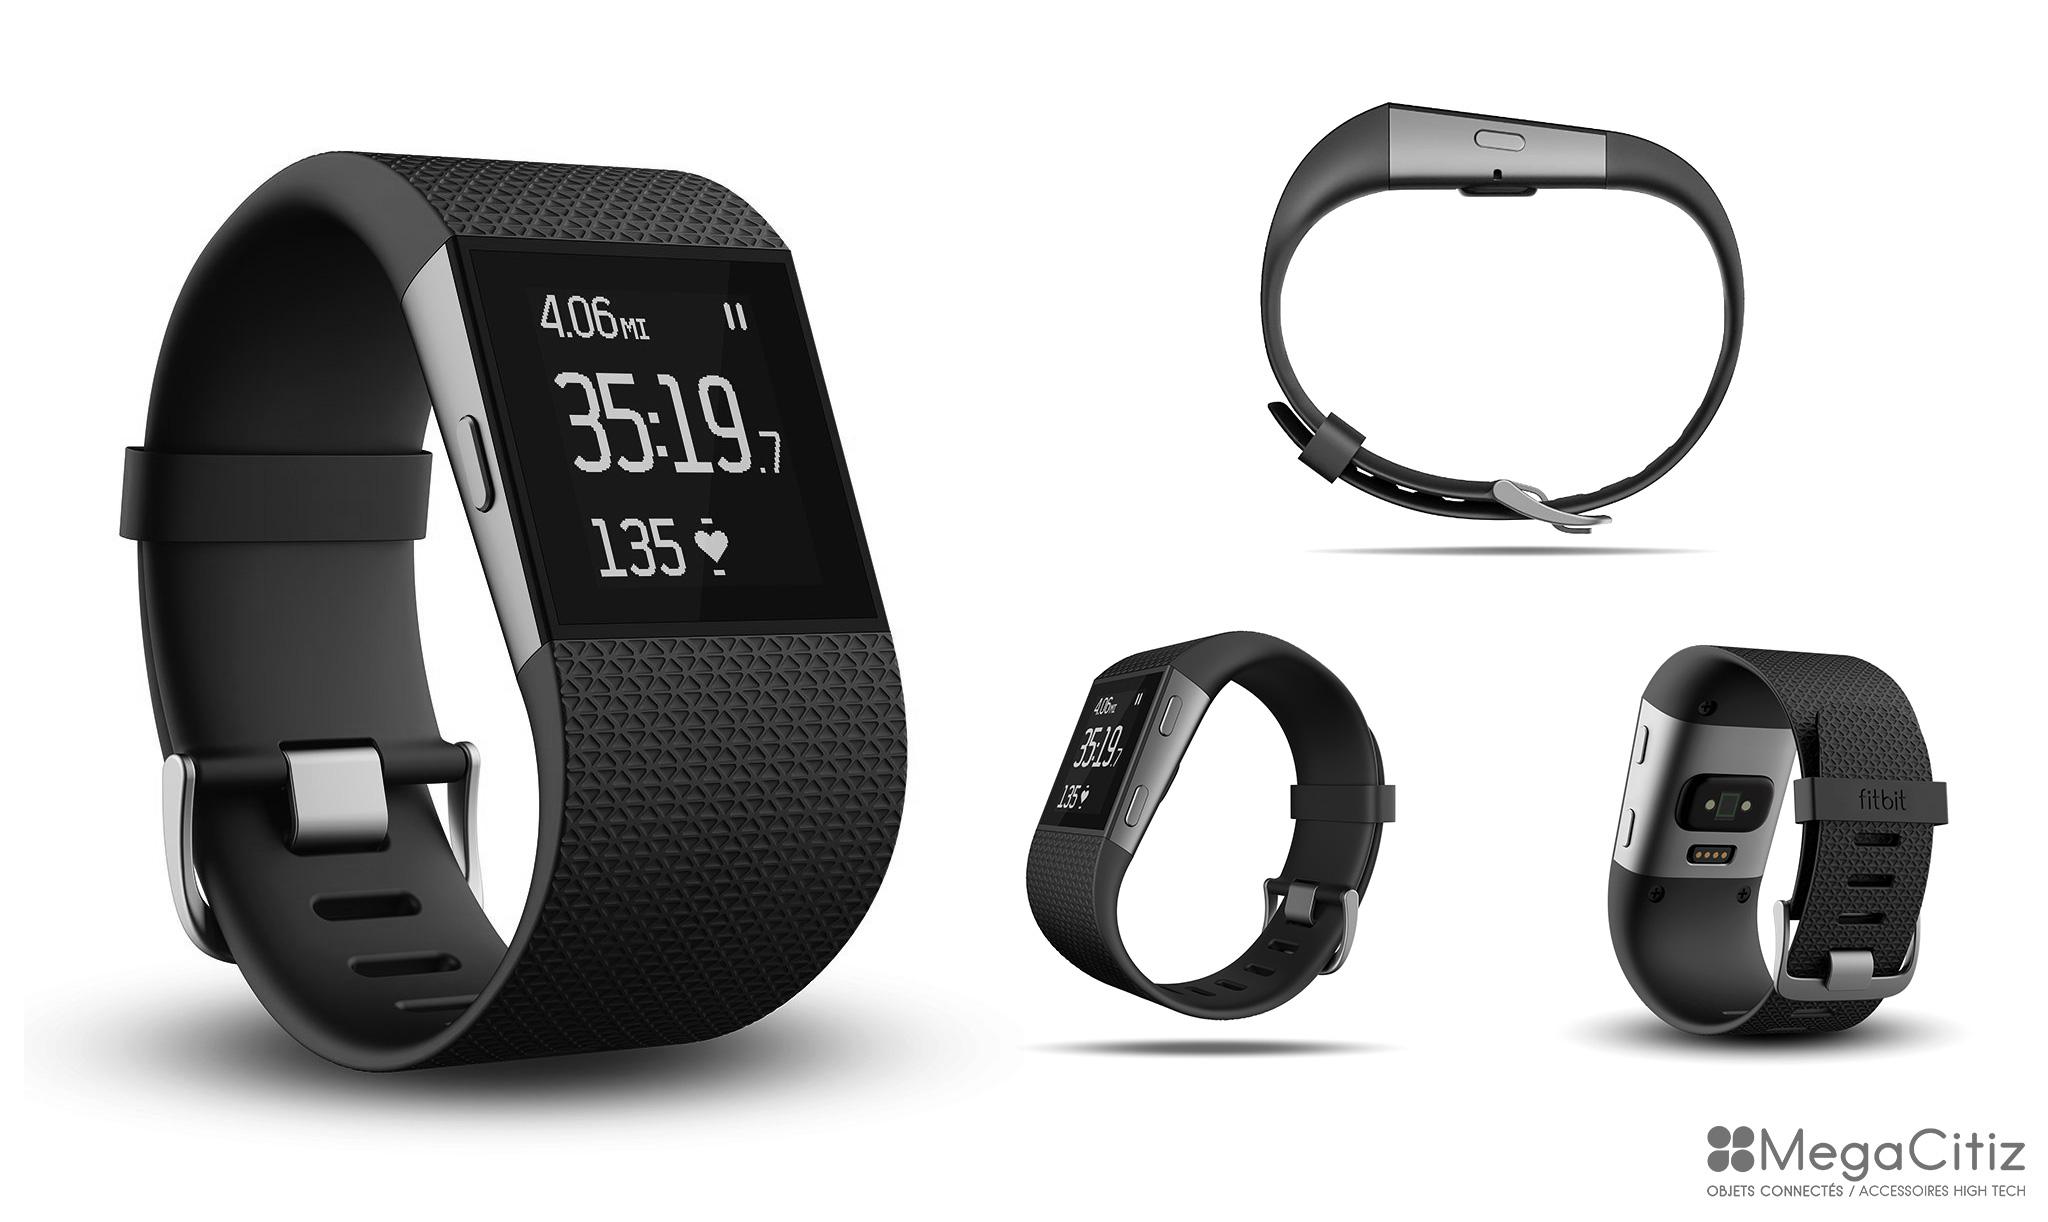 Montre connectée : Fitbit Surge